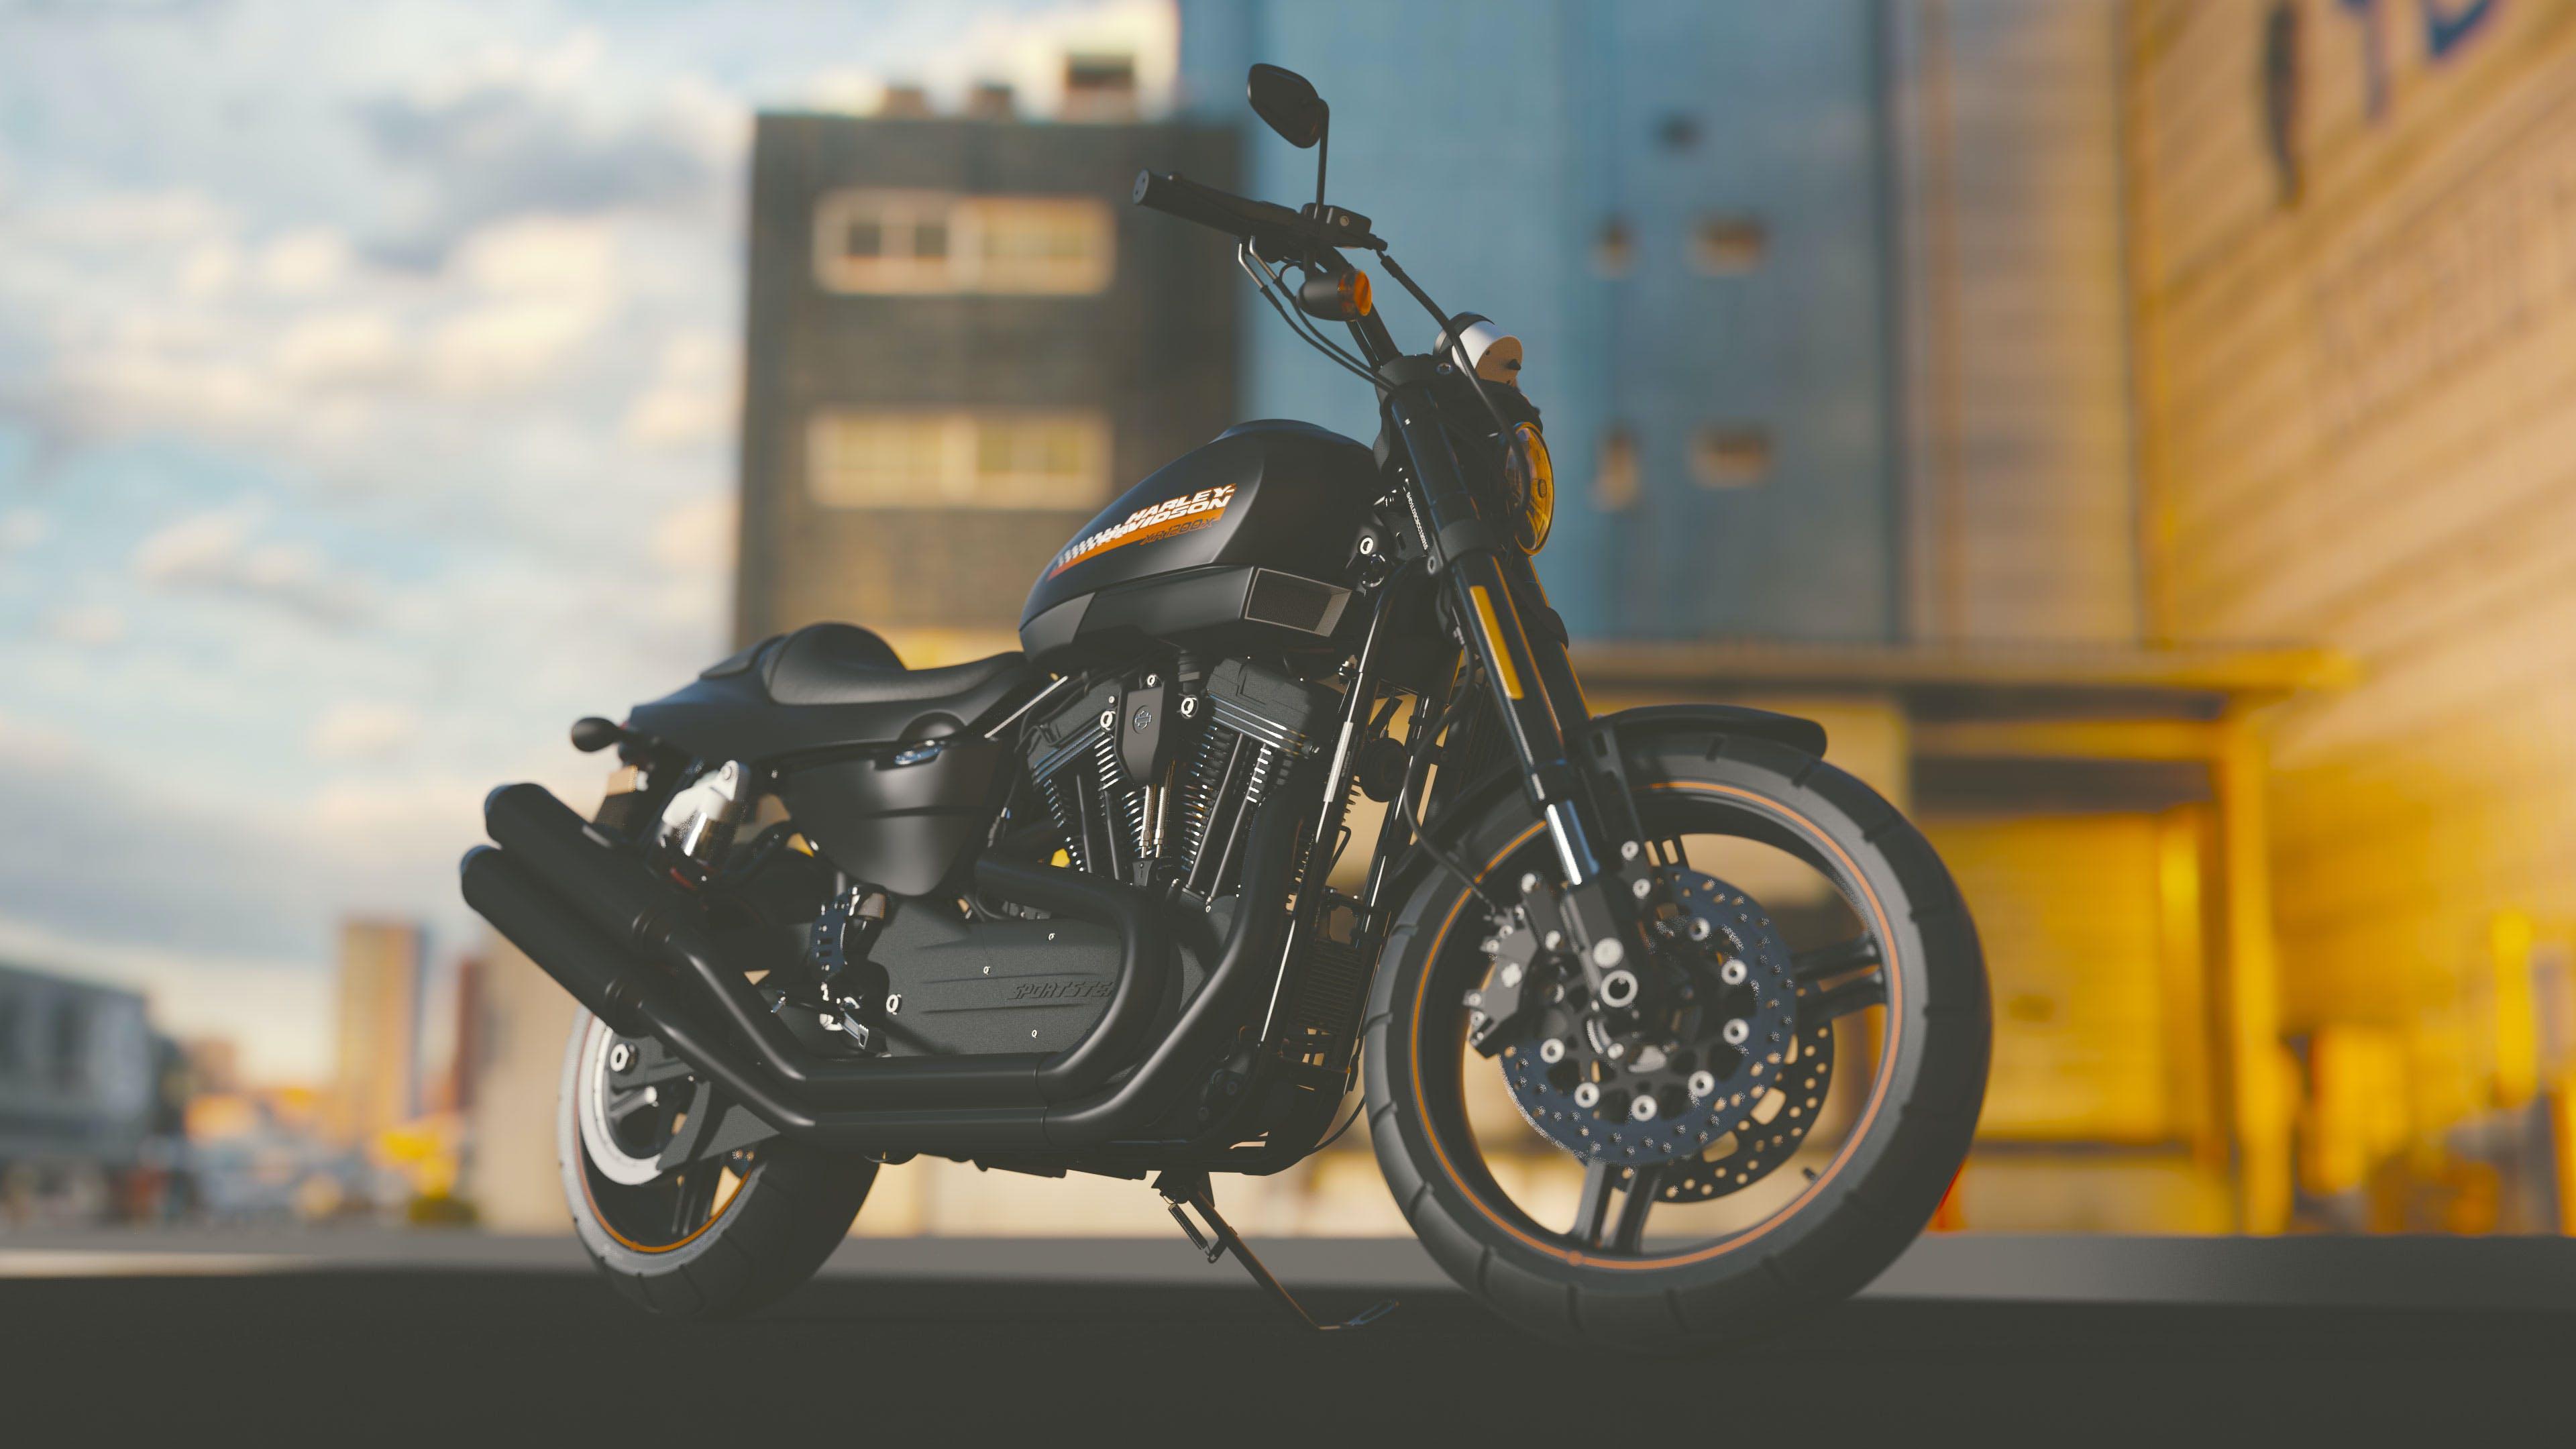 摩托車, 本田 的 免费素材照片